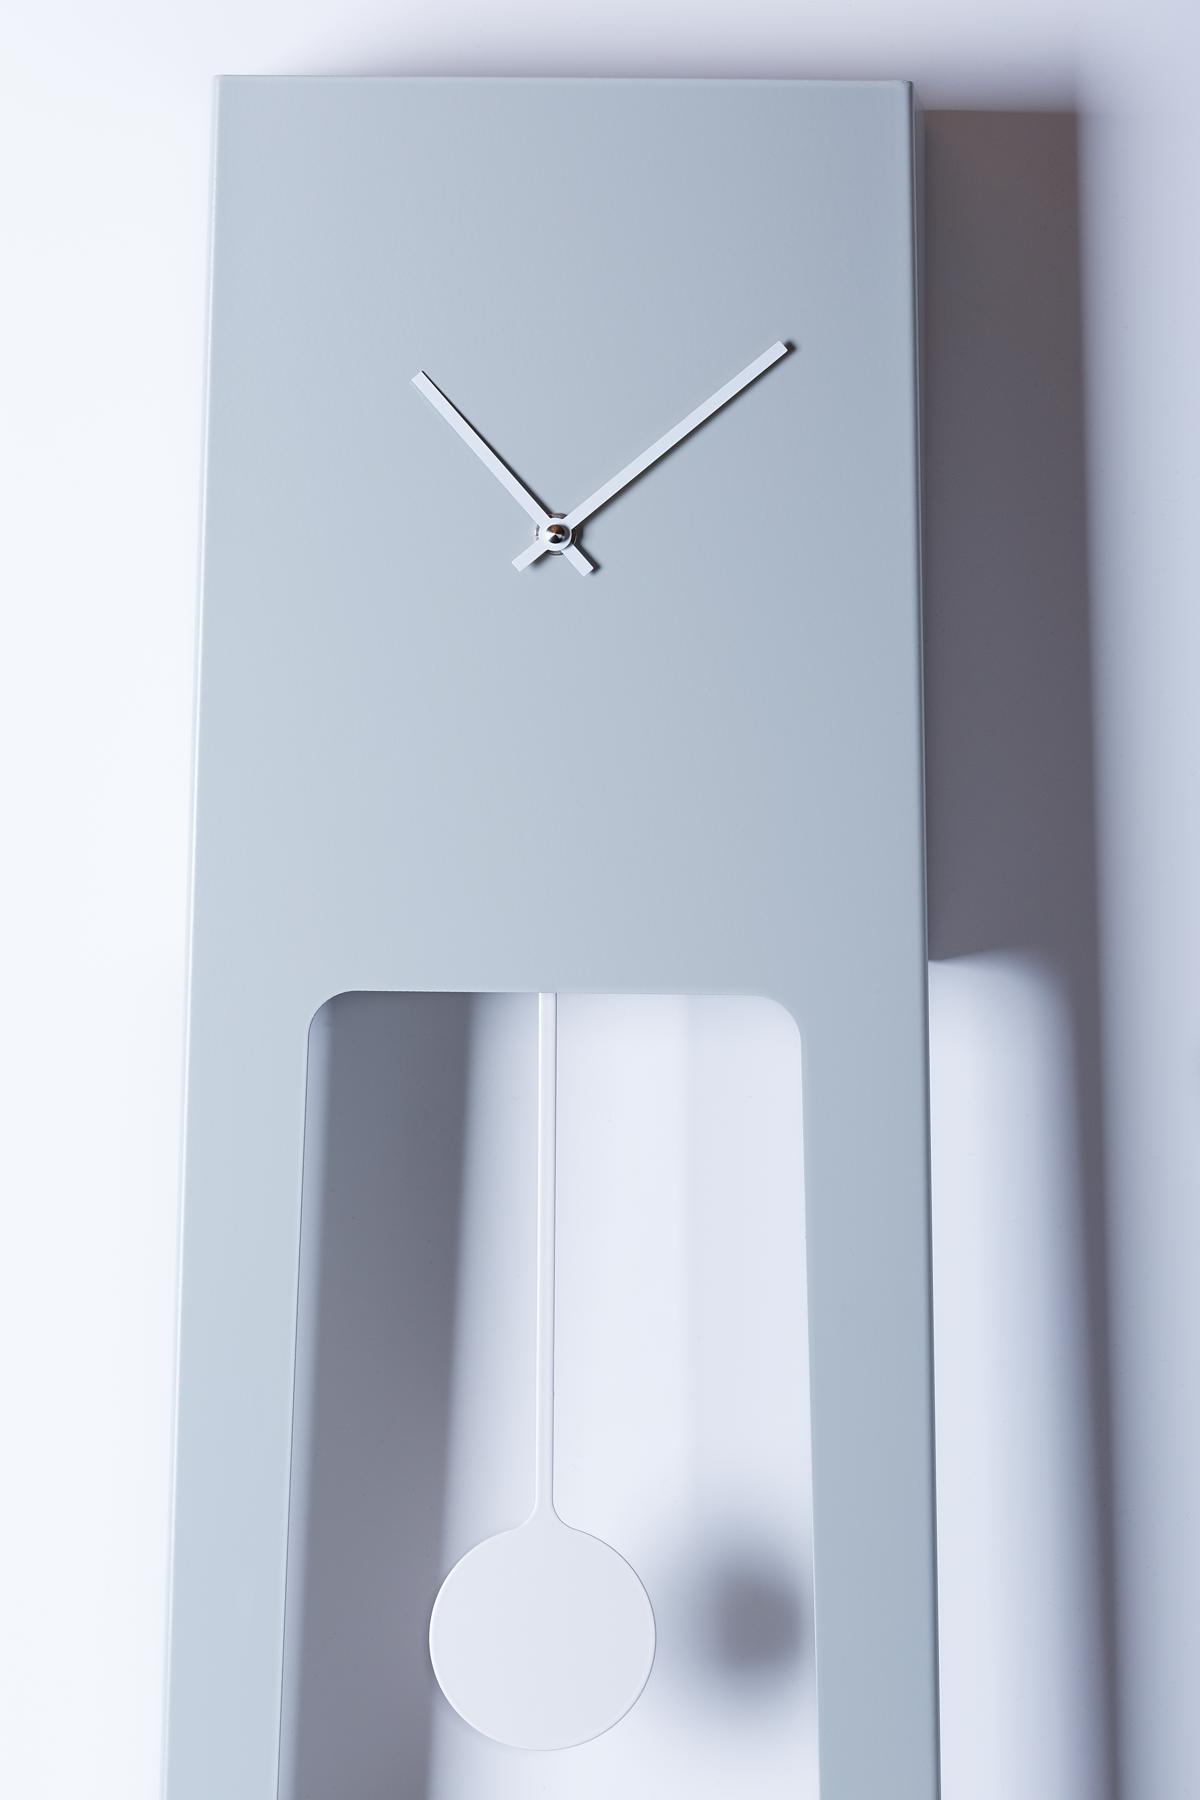 Orologi da parete design emozionale di covo for Orologi a parete design